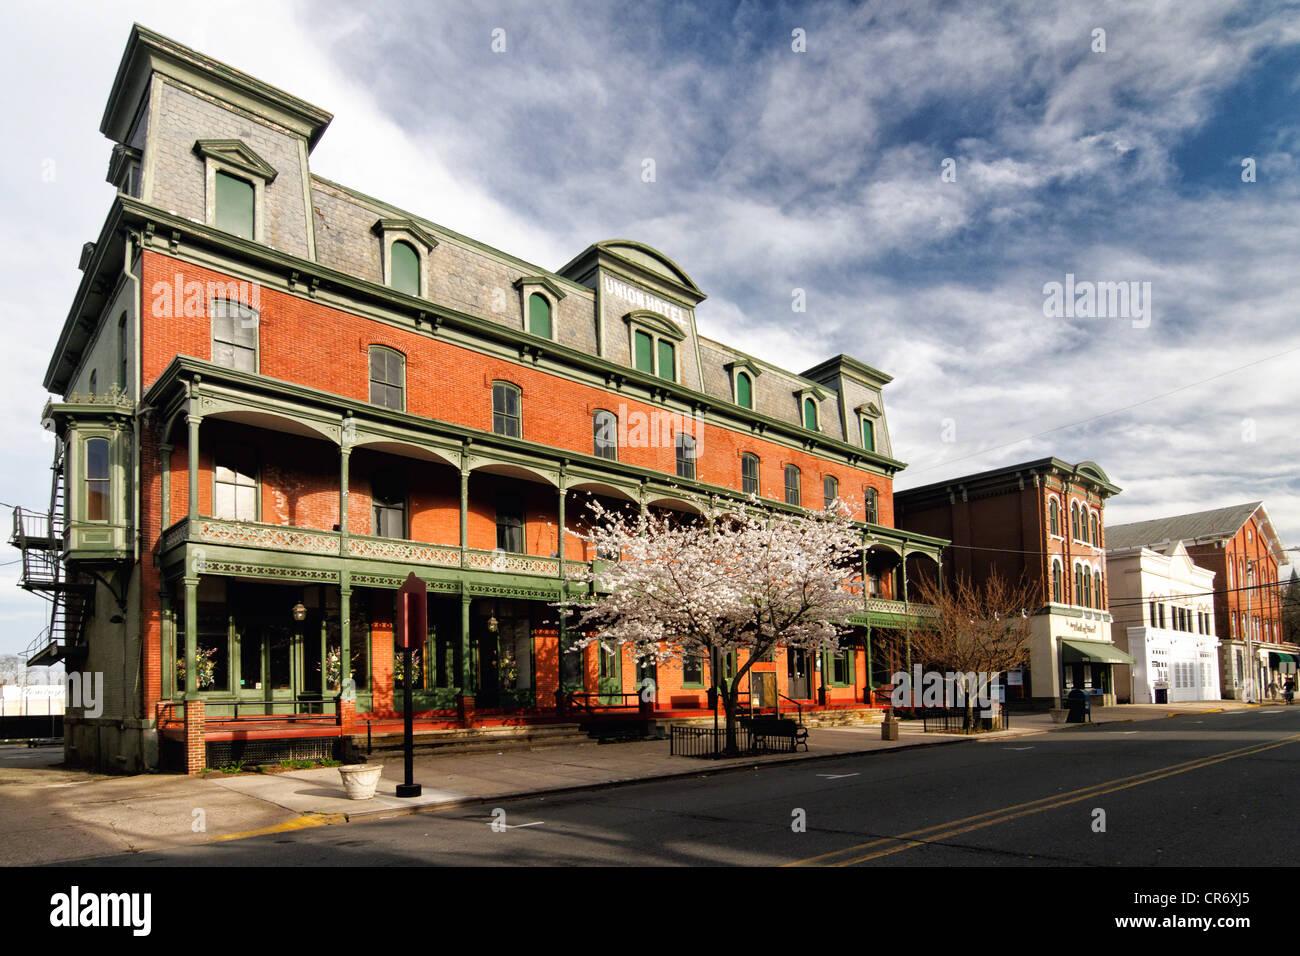 Voir l'historique de l'hôtel Union à Flemington, Hunterdon Comté (New Jersey) Photo Stock